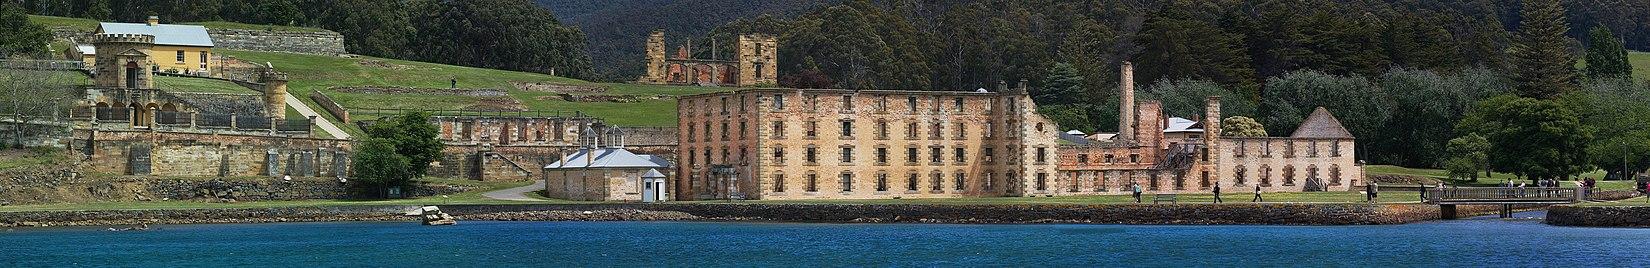 Bức tranh toàn cảnh của nhà tù Port Arthur.